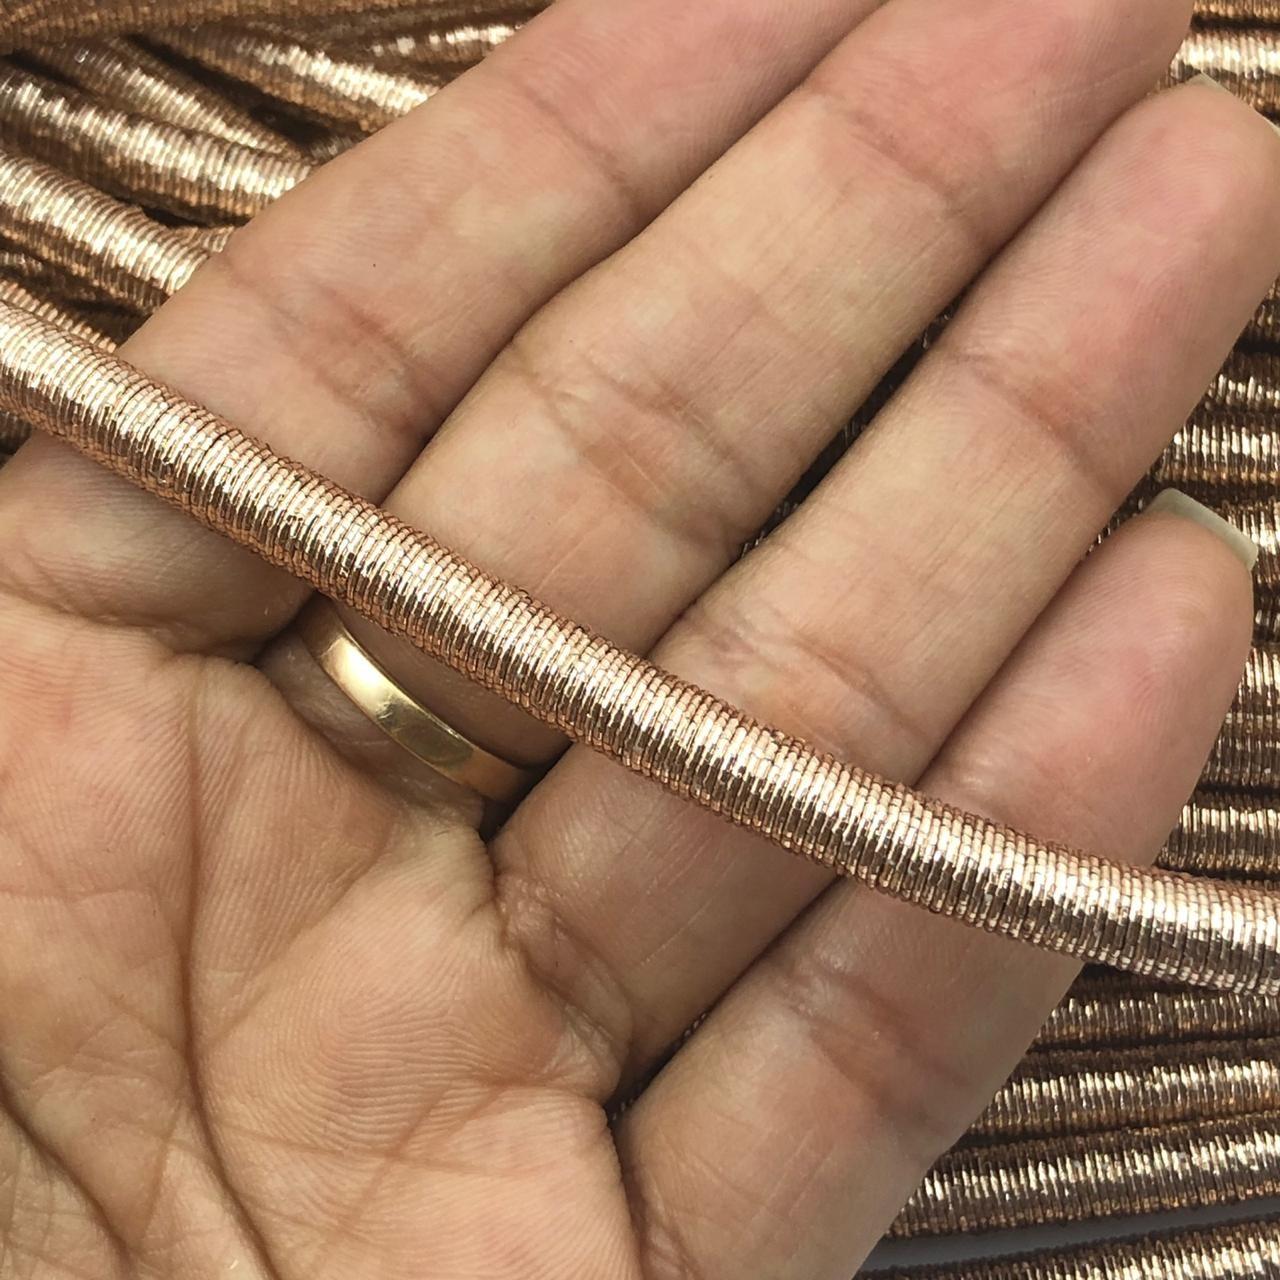 CRM012 - Cordão Revestido Metalizado de Poliester 6mm Rose Gold - 1metro